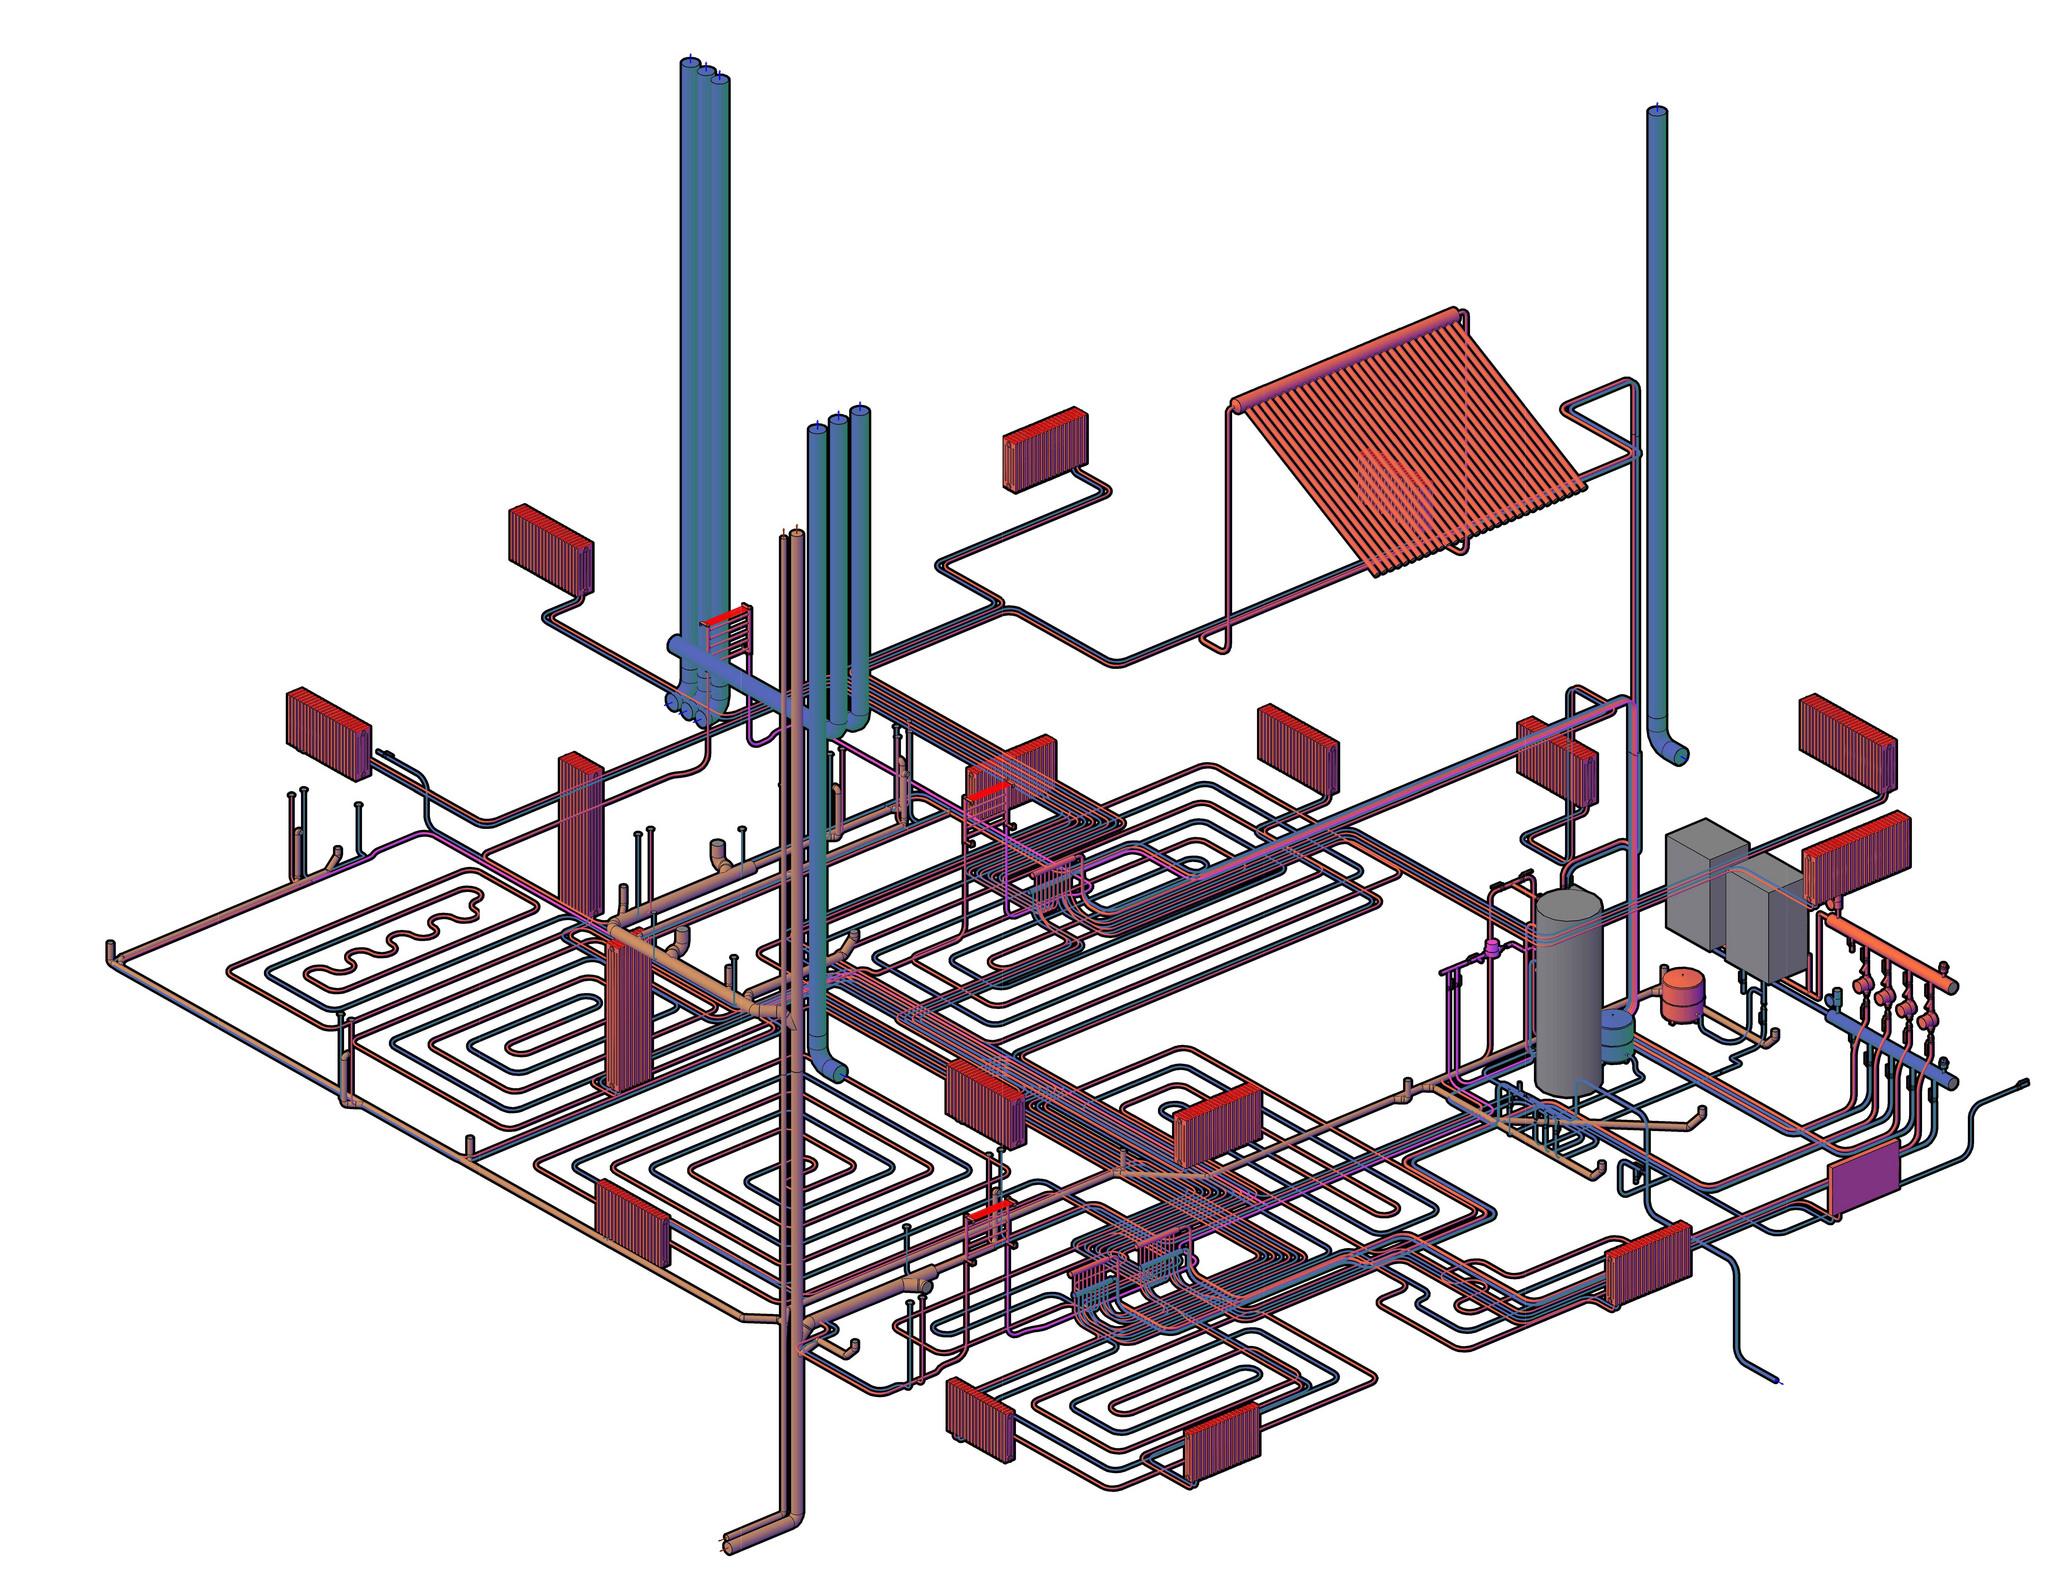 prix contrat entretien chaudiere fioul simulateur de travaux sarcelles saint denis toulon. Black Bedroom Furniture Sets. Home Design Ideas